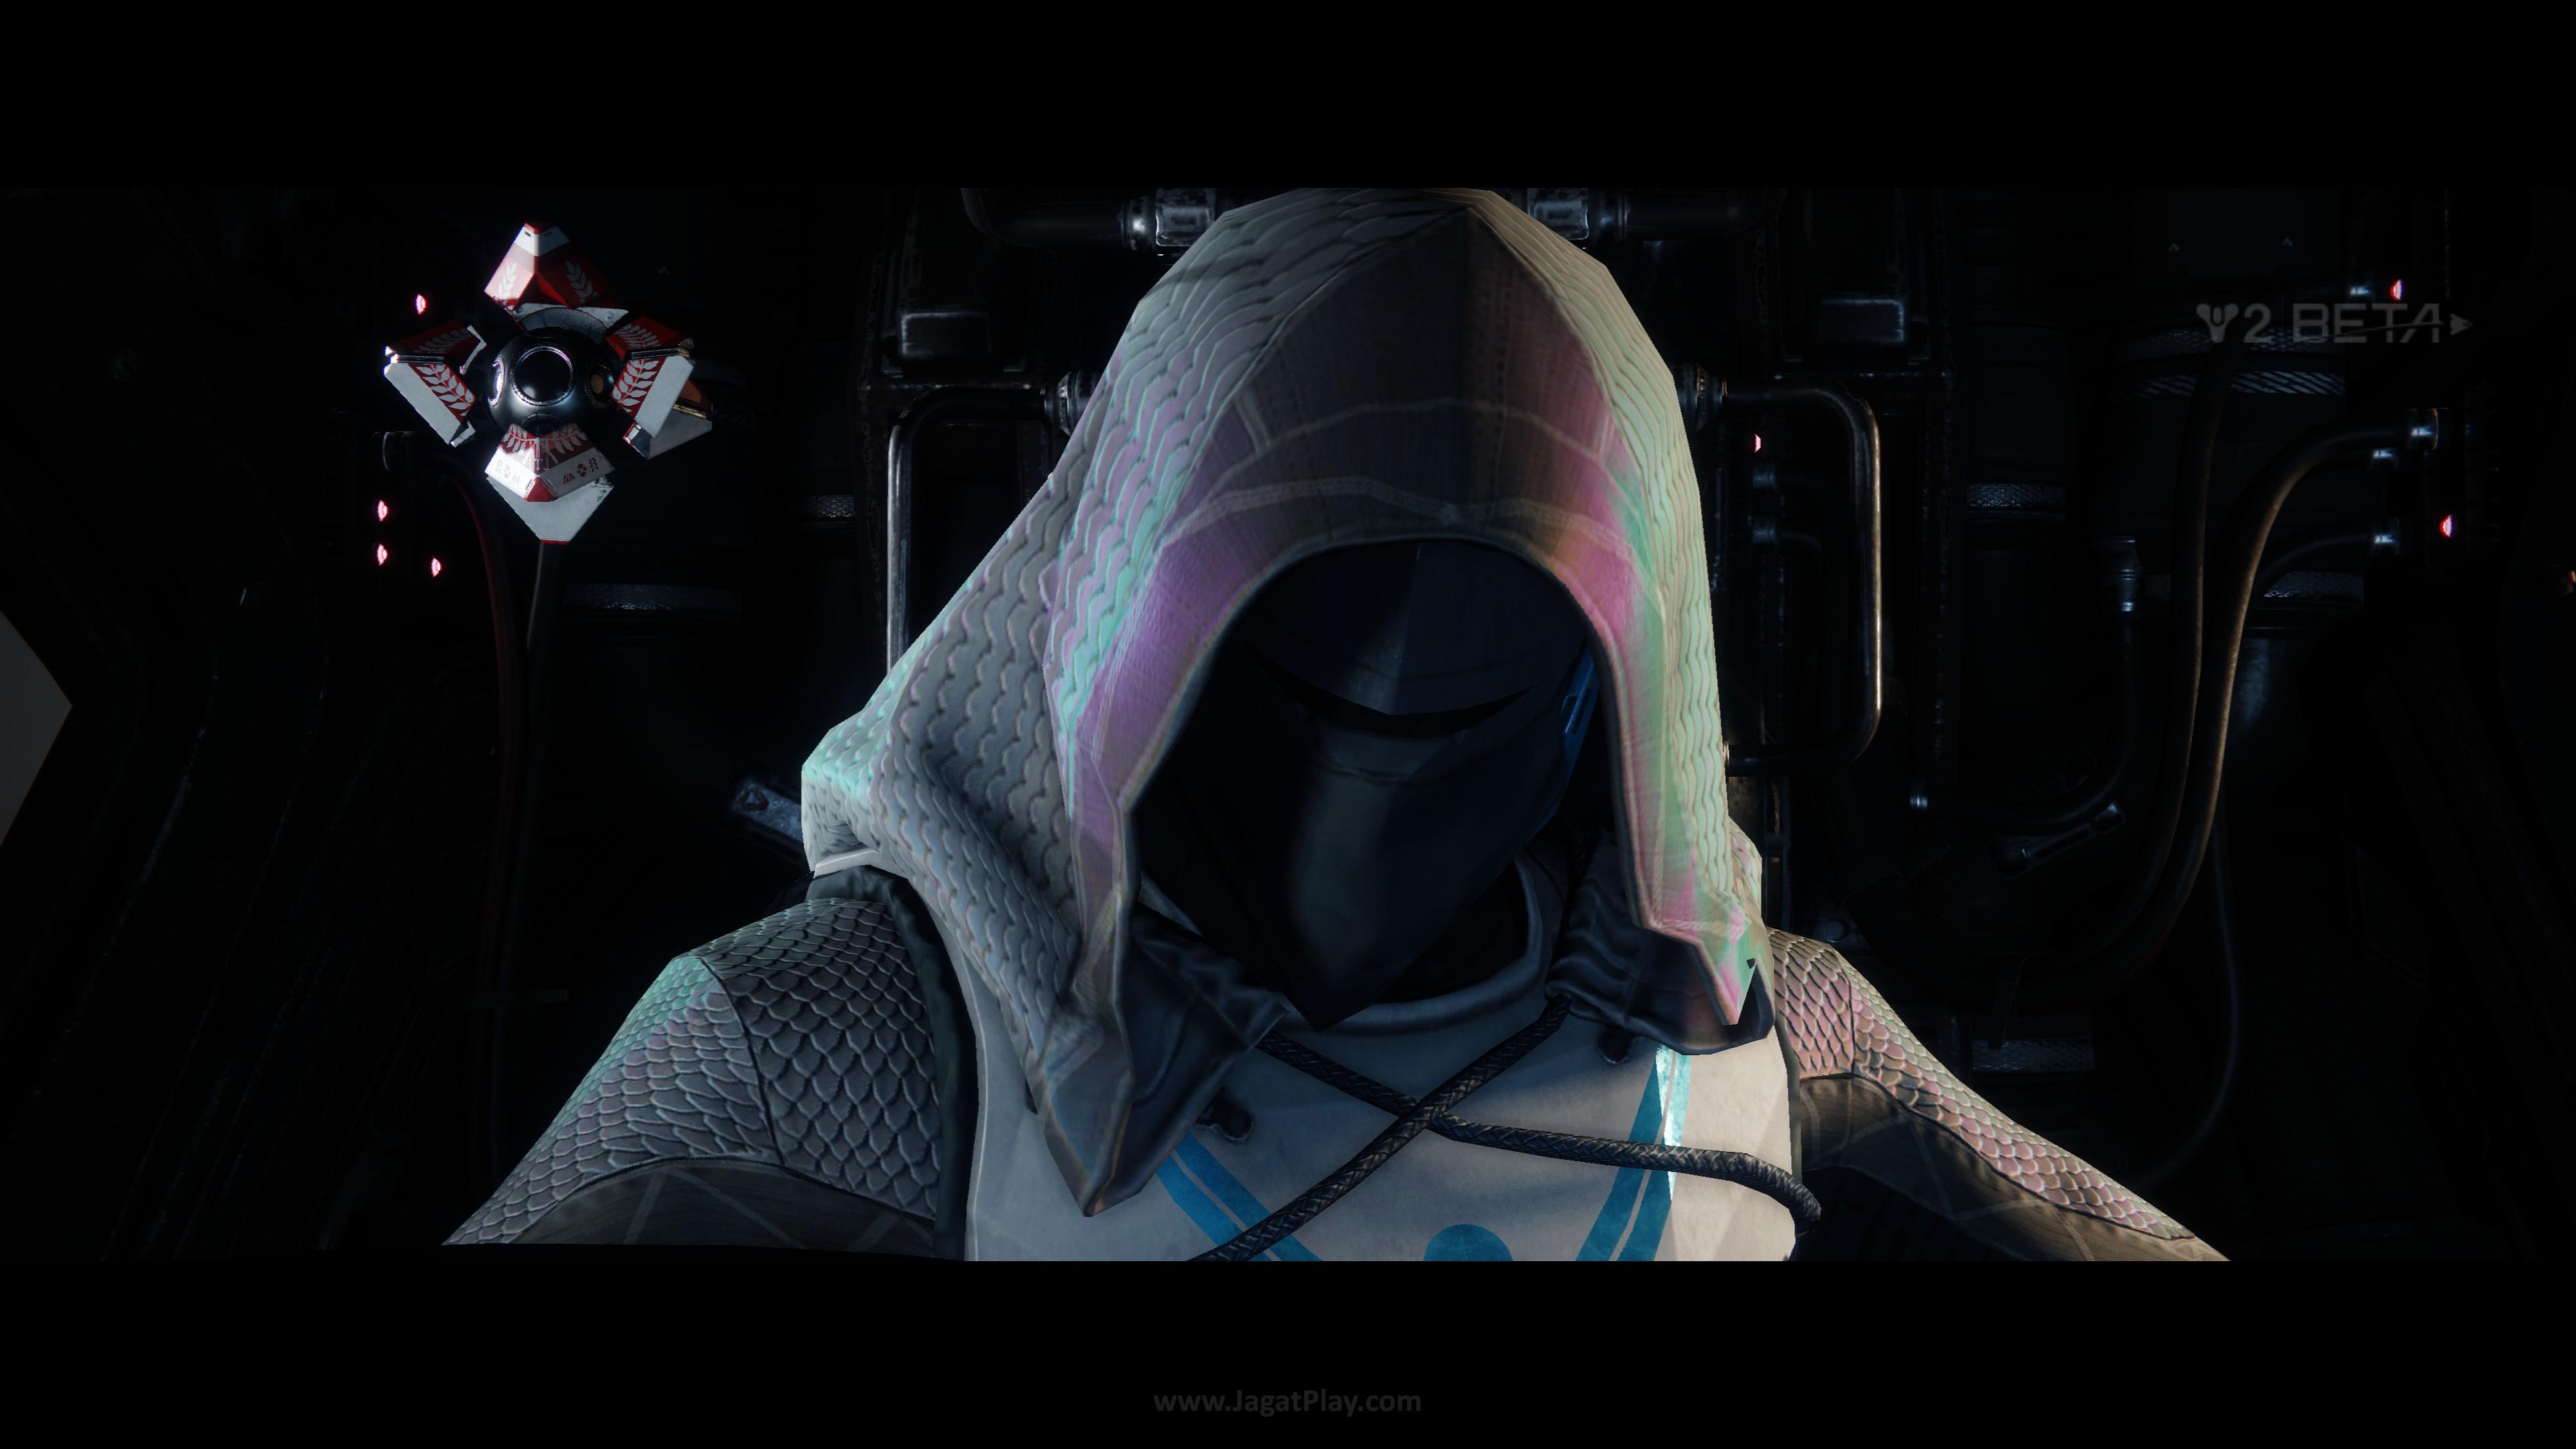 destiny 2 pc how to play beta